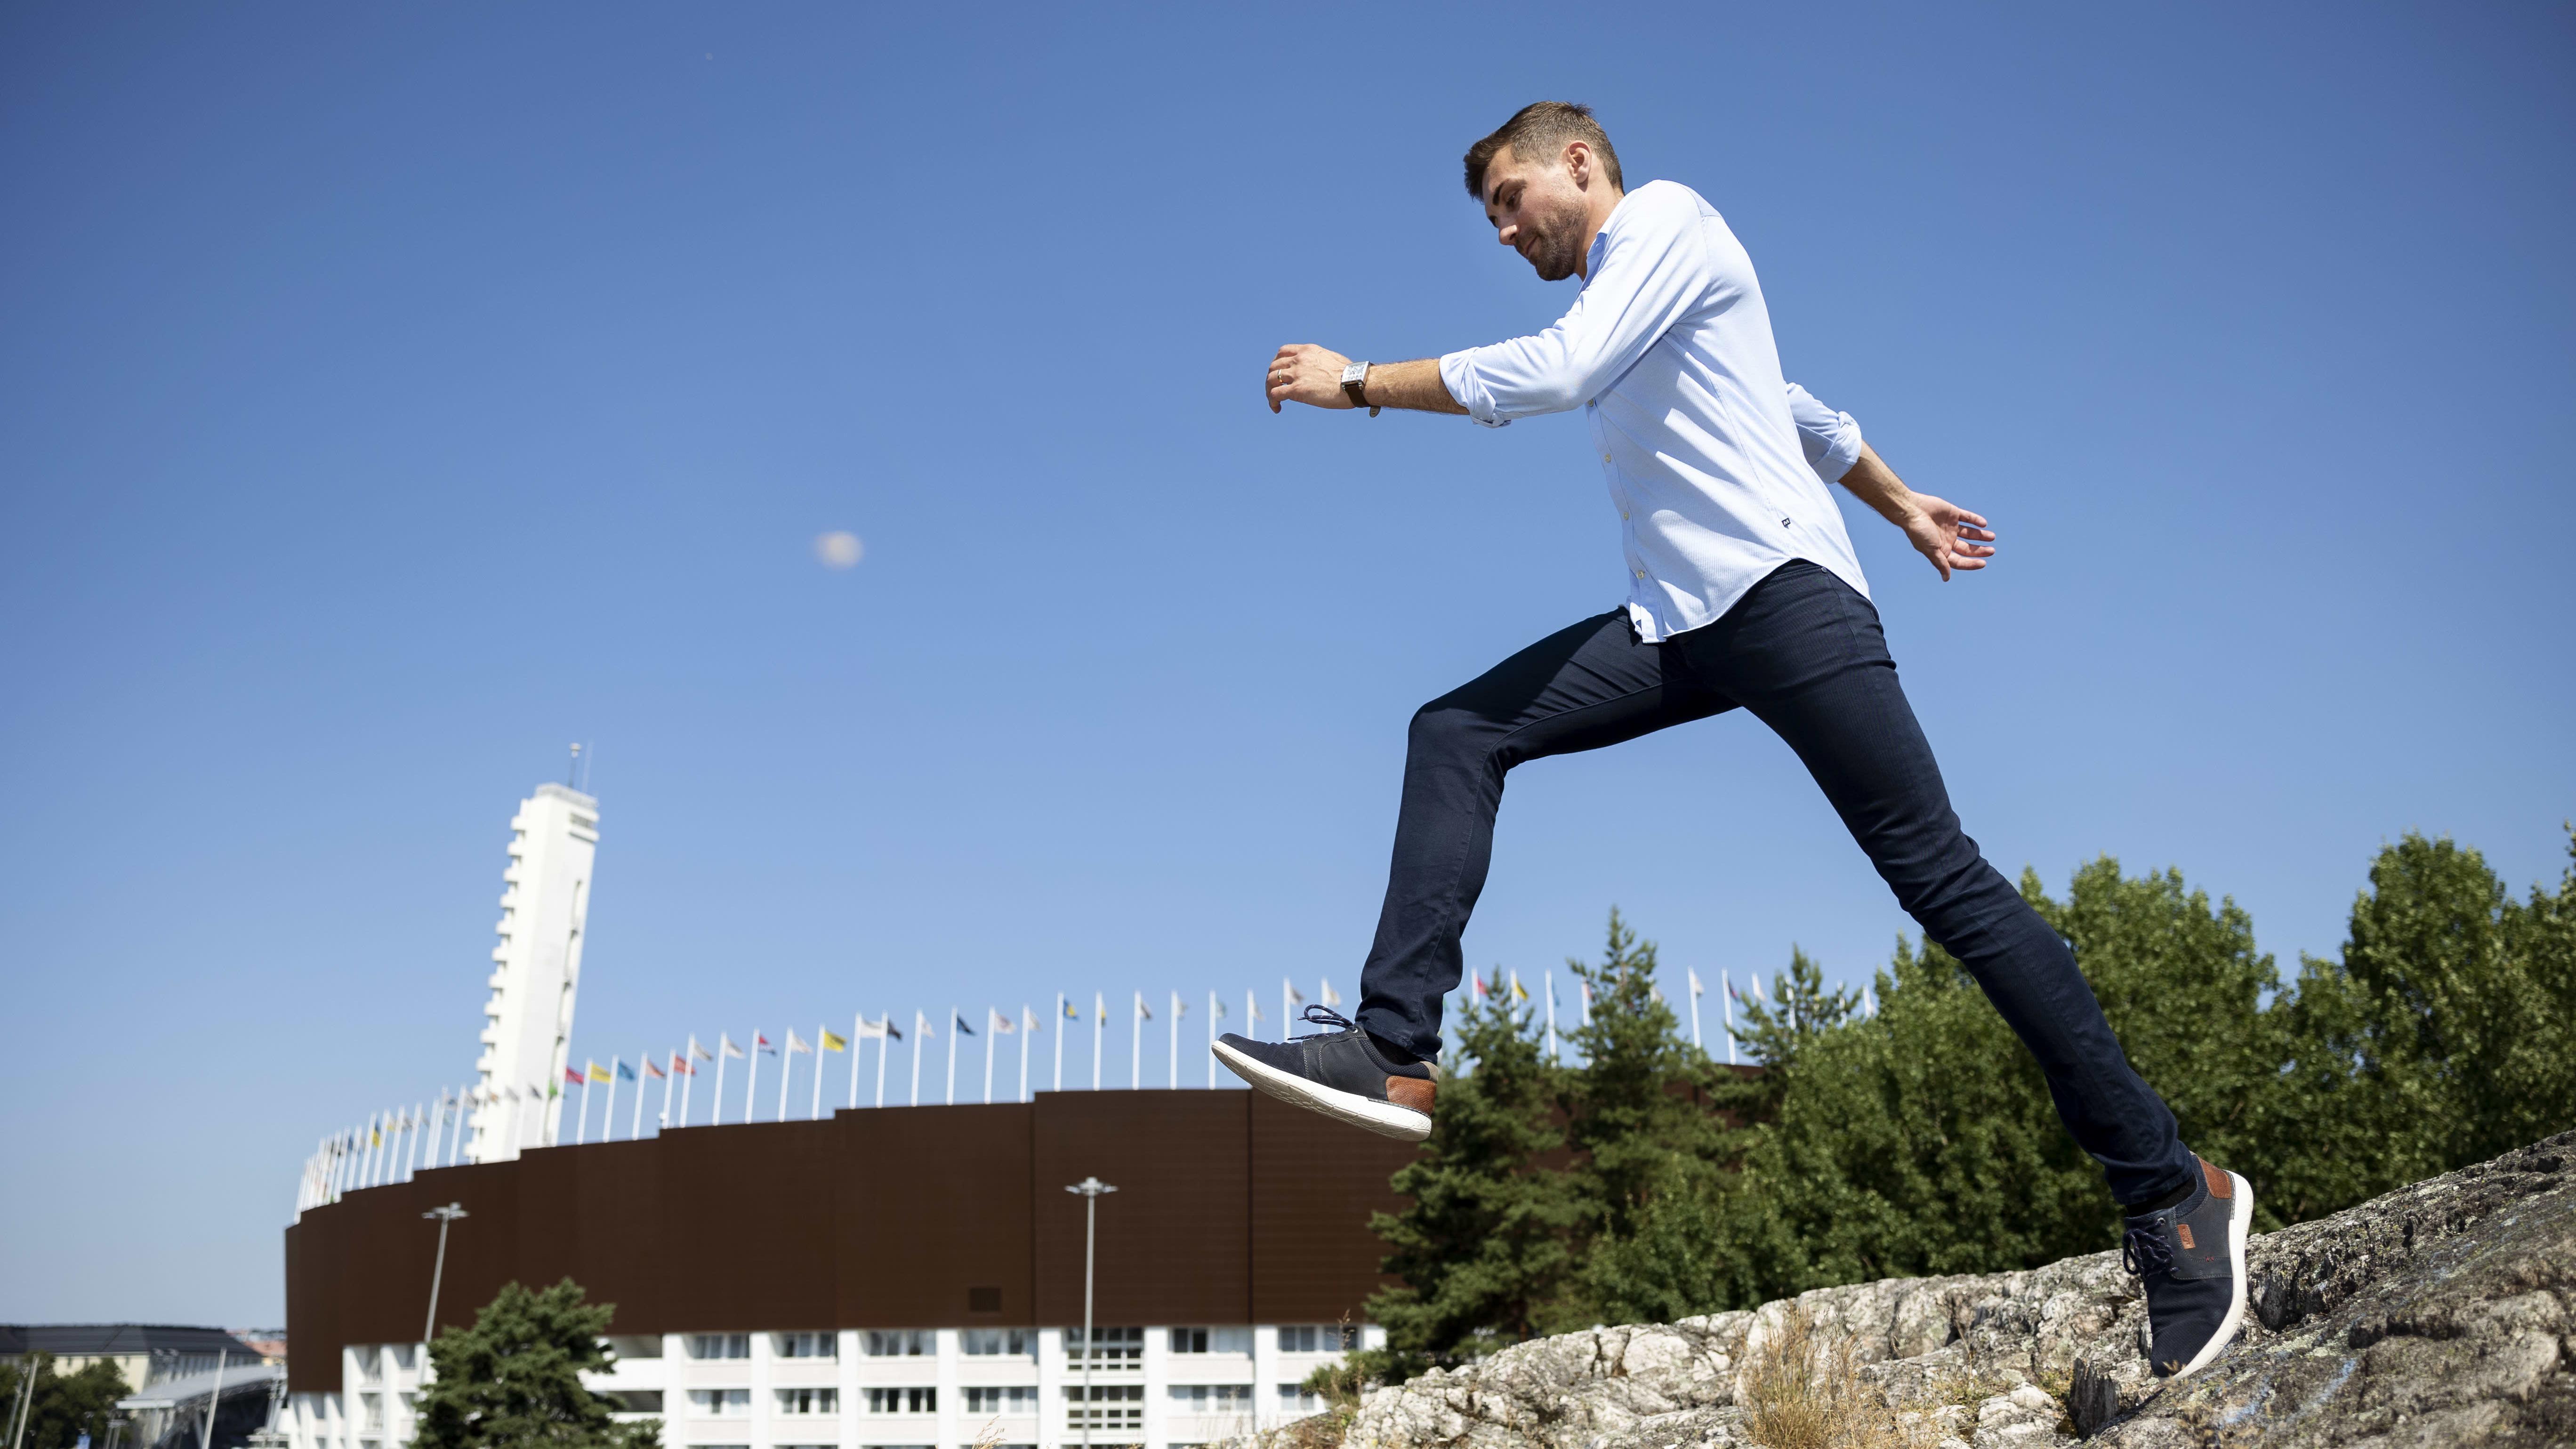 Mies tekee ison loikan kallioilla, miehen takana näkyy Hesingin Olympiastadion ja liehuvat eri maiden liput.